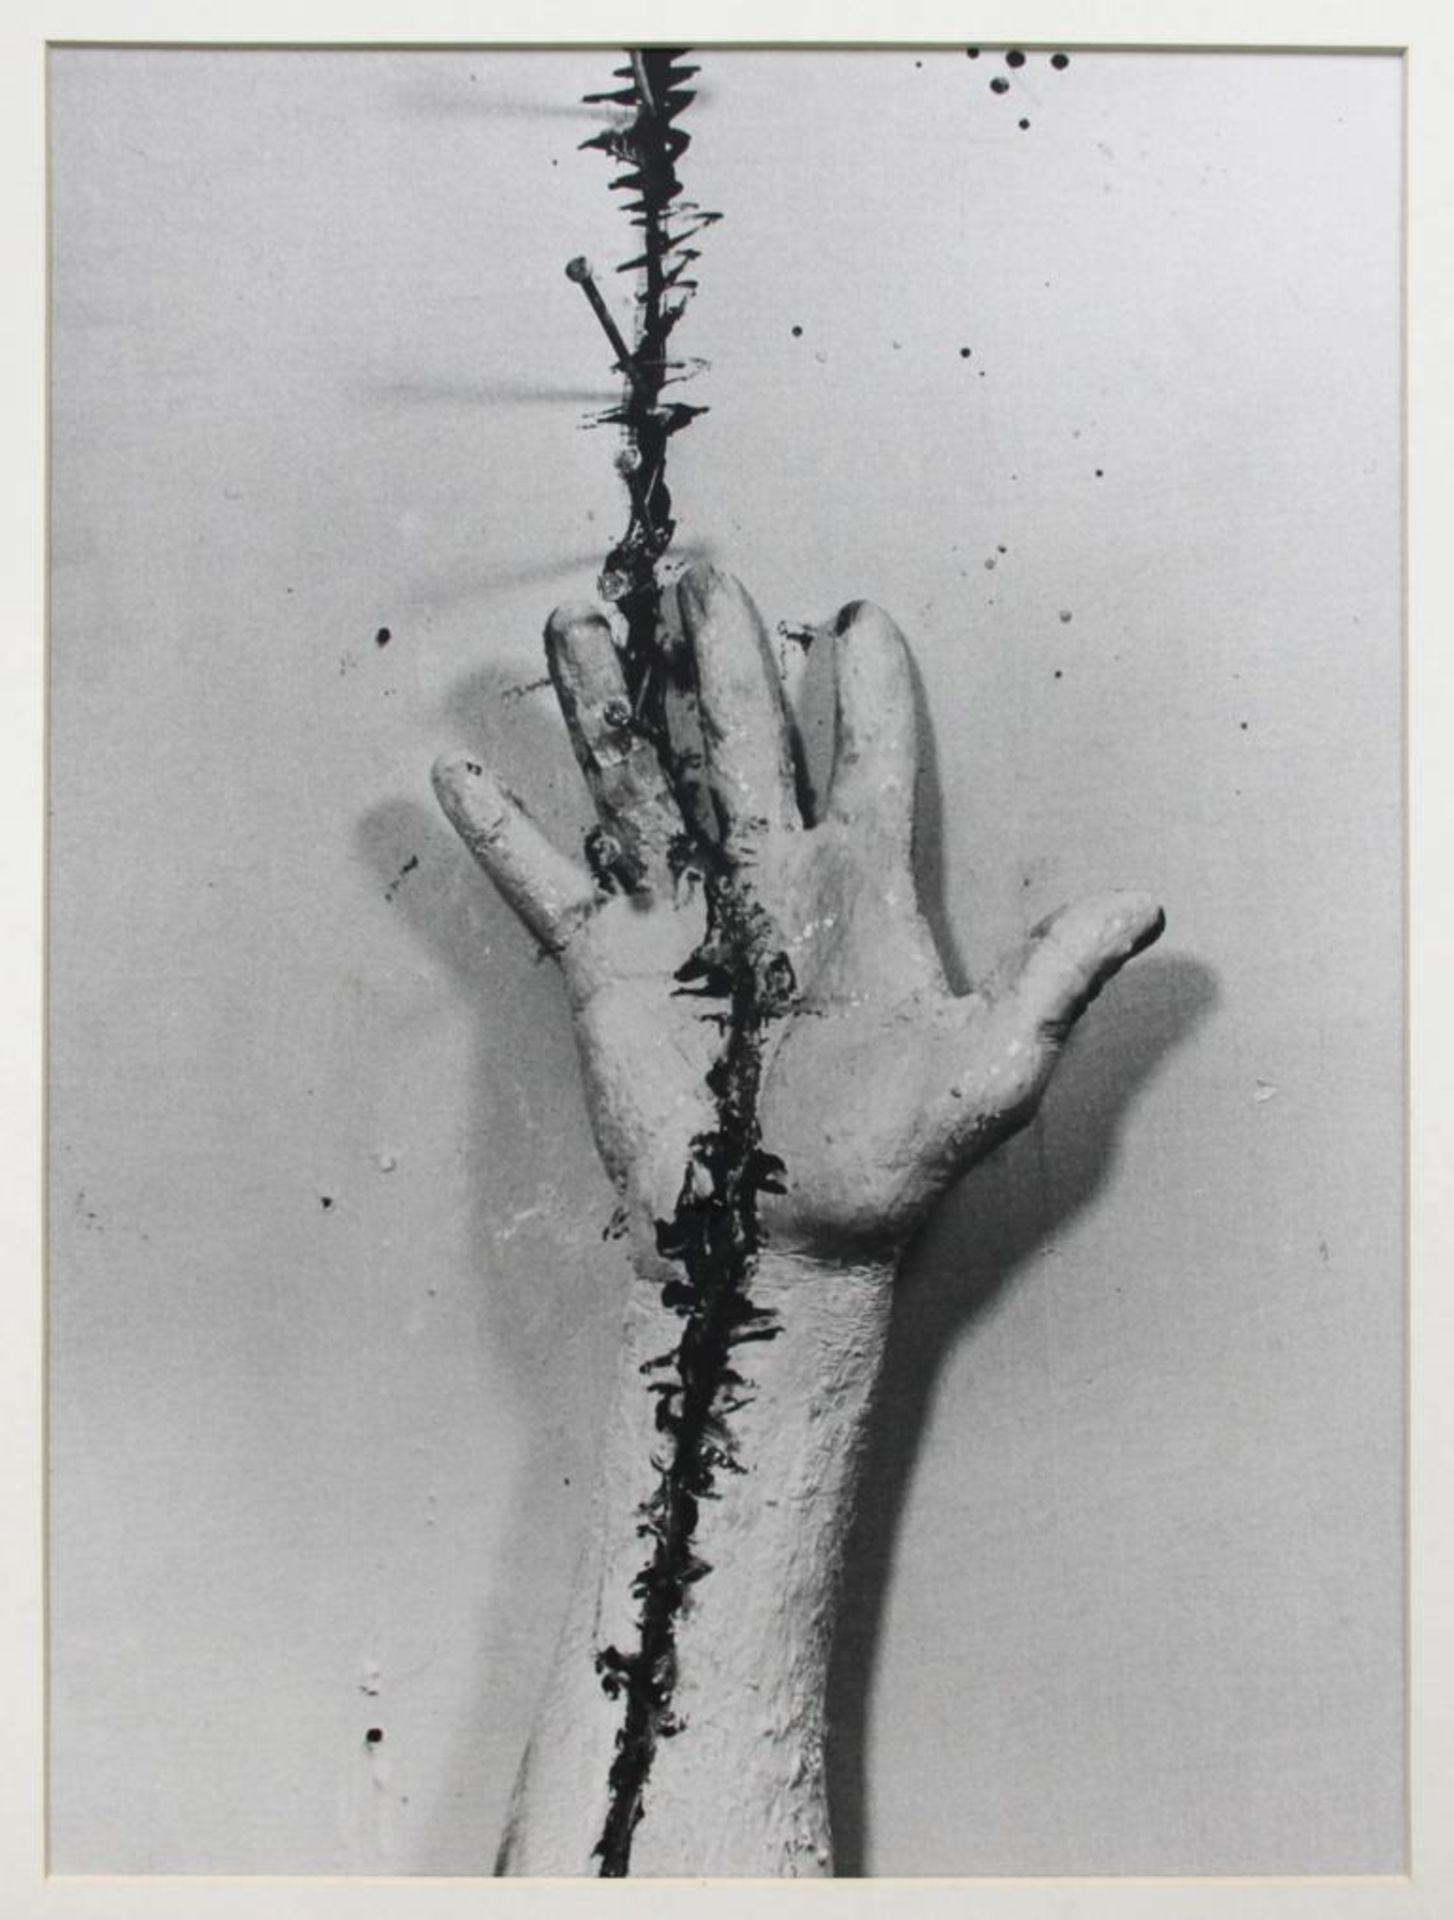 Brus Günter (geb. 1938) Ohne Titel 1980er Fotografie handsigniert auf Label rückseitig 58,5 x 47,5